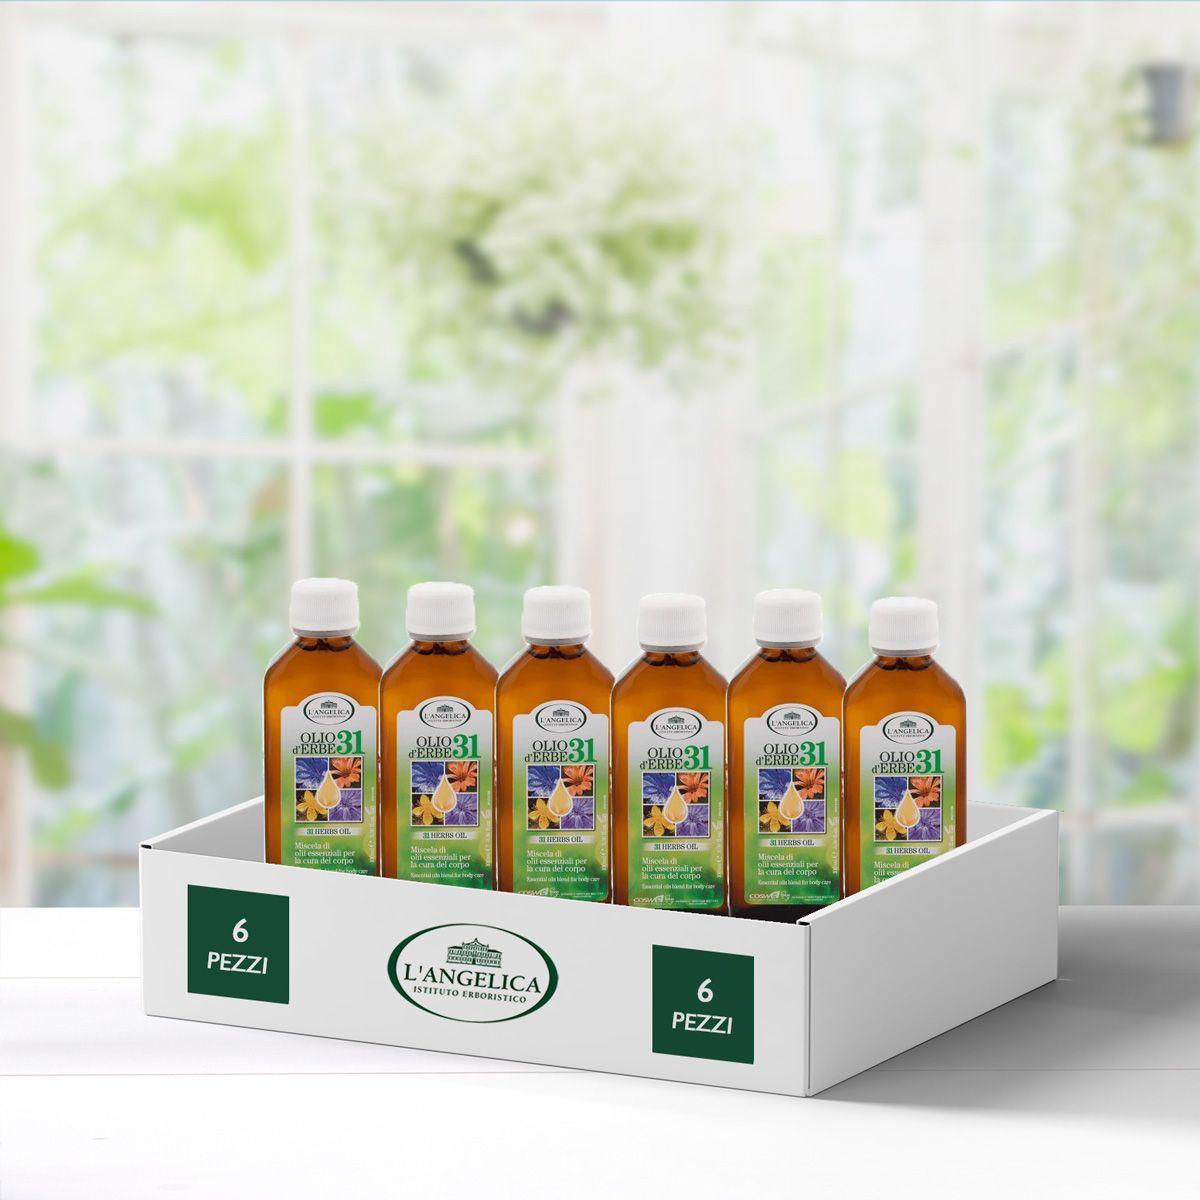 Multipack 6 pezzi Olio d'erbe 31 -50%